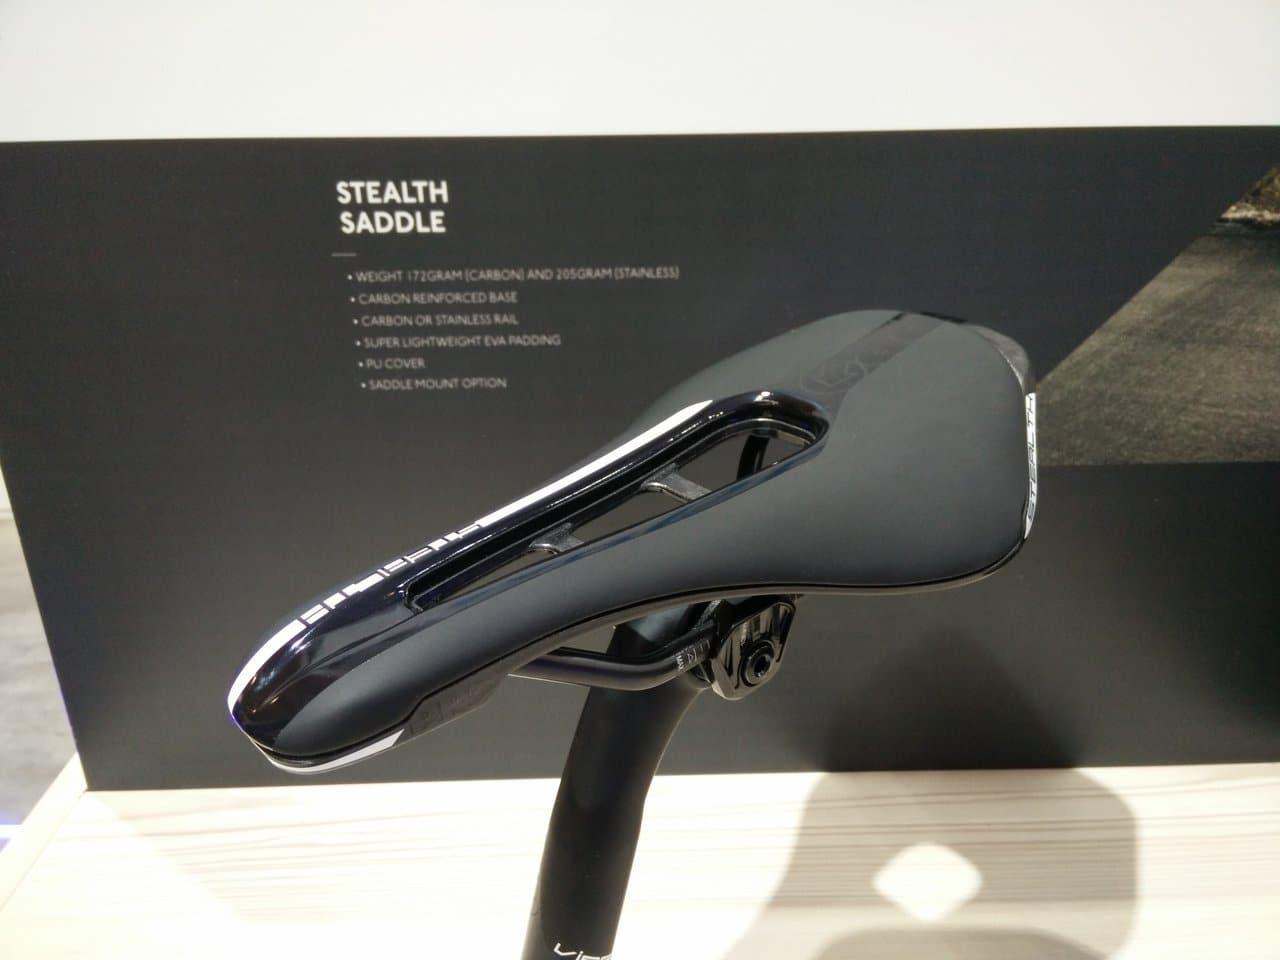 Eurobike 2016 – Pro Stealth Sattel, Vibe Aero Lenker mit integrierter Di2 Verkabelung